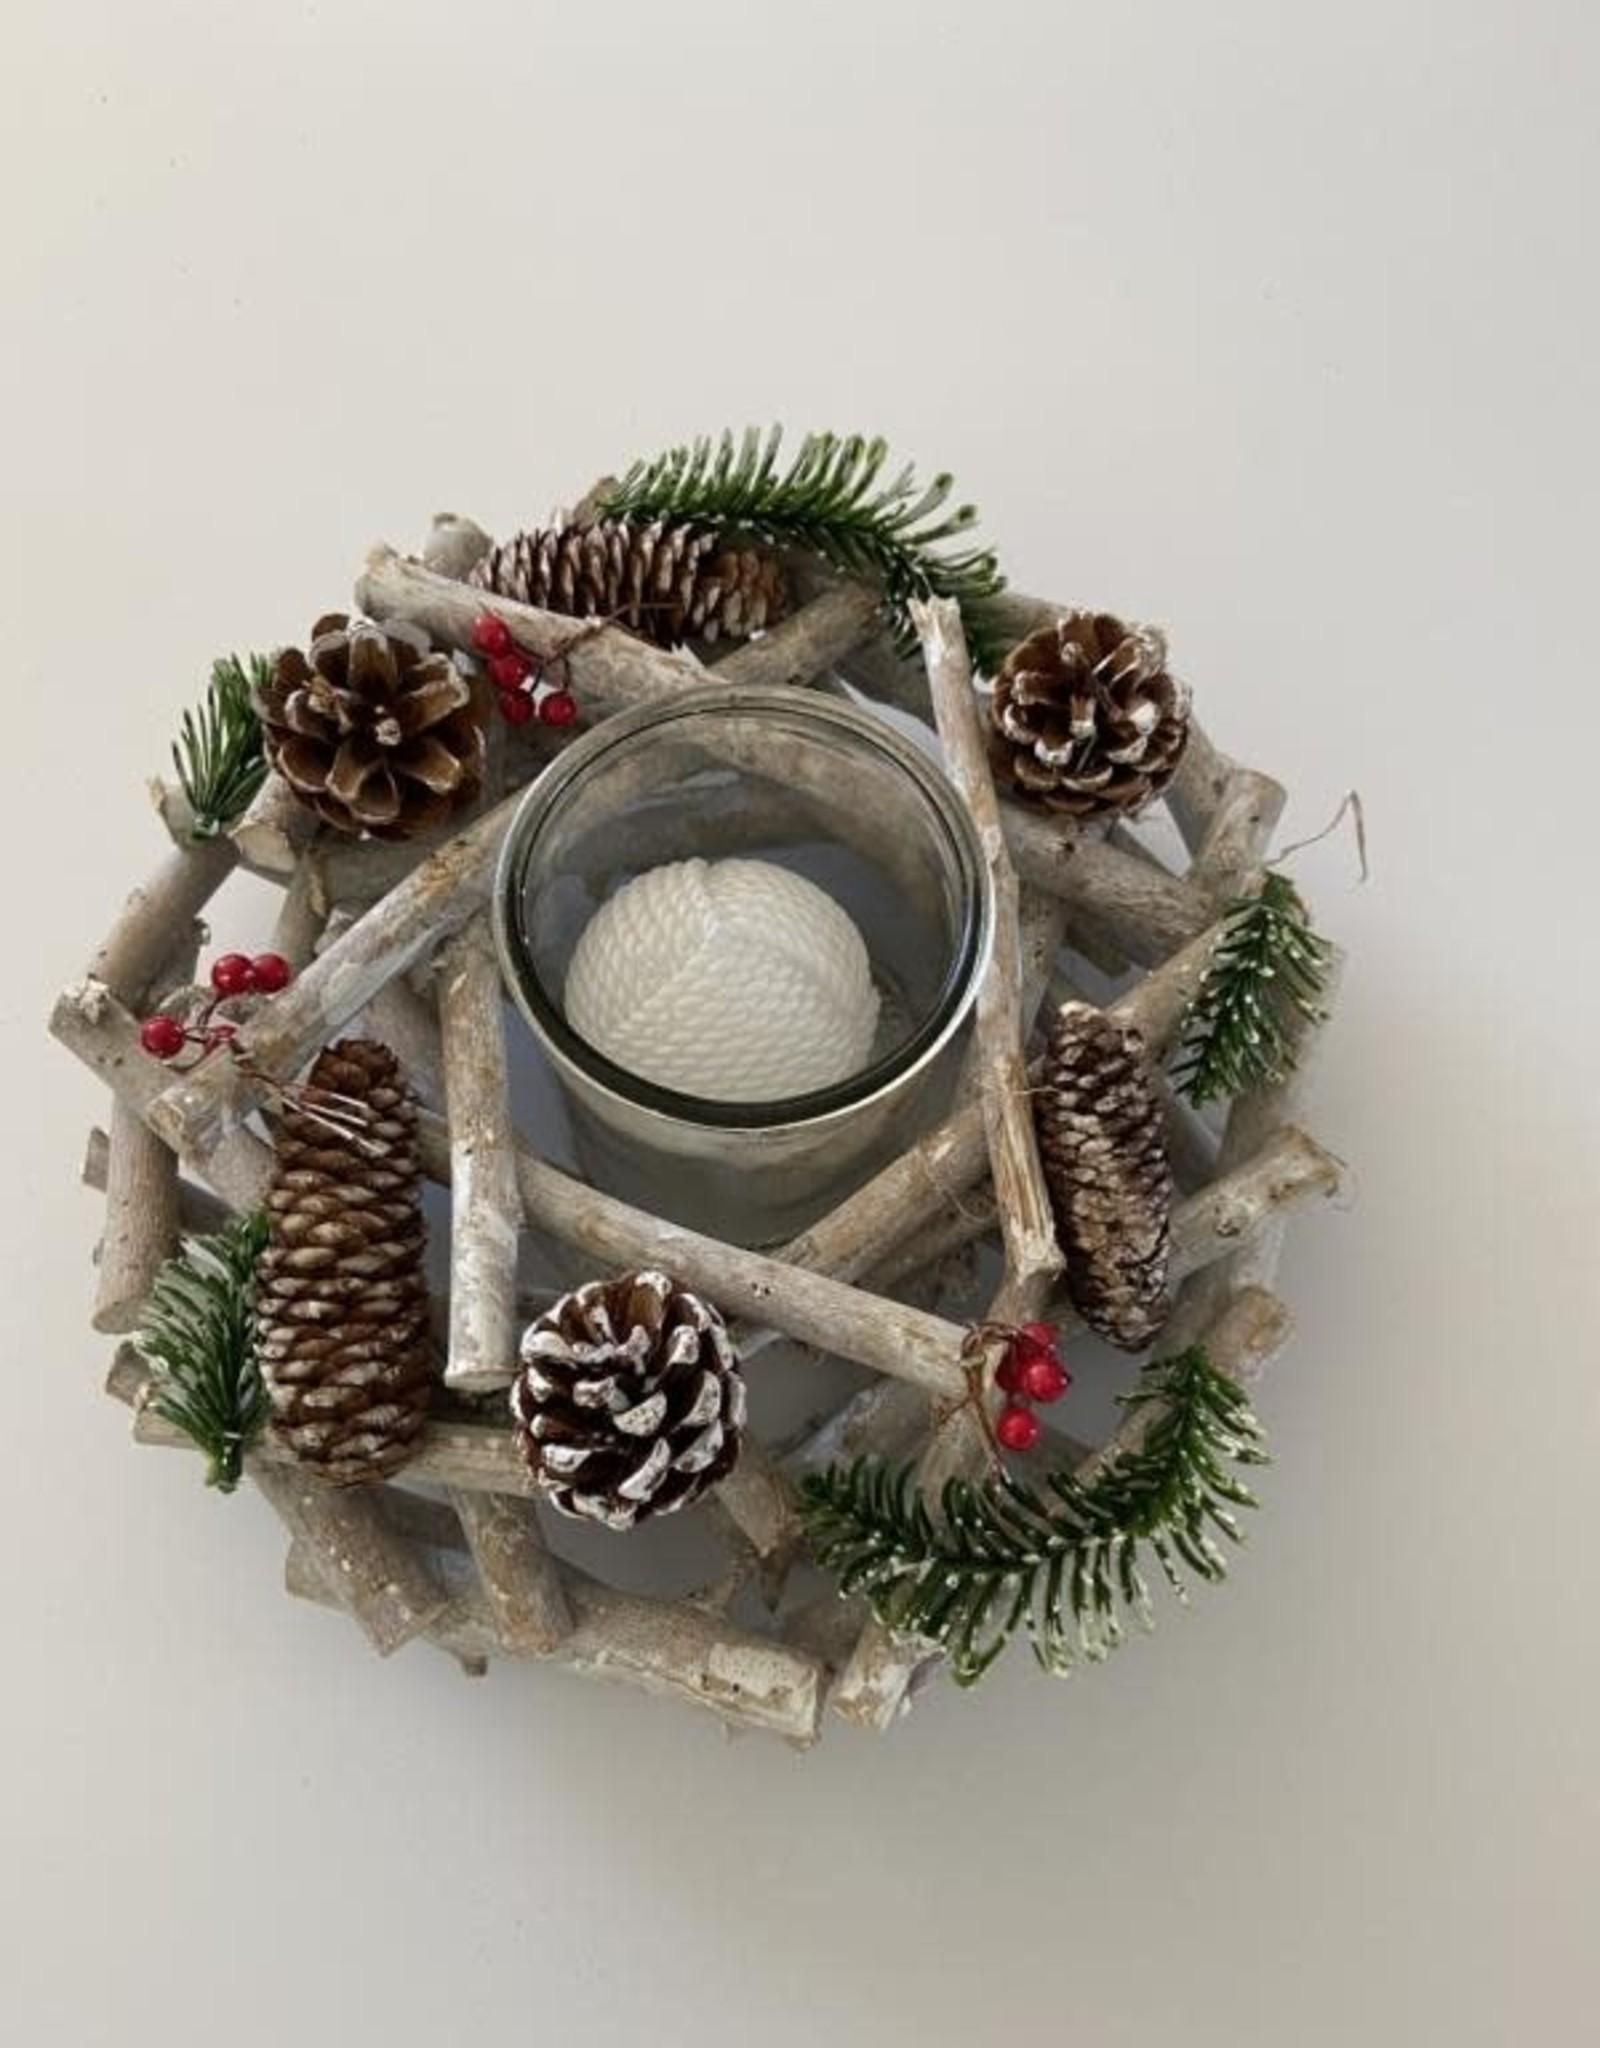 Kerststronk uitsparing voor 4 kaarsen 50 cm langHOME / KERST / KERSTSTRONK UITSPARING VOOR 4 KAARSEN 50 CM LANG